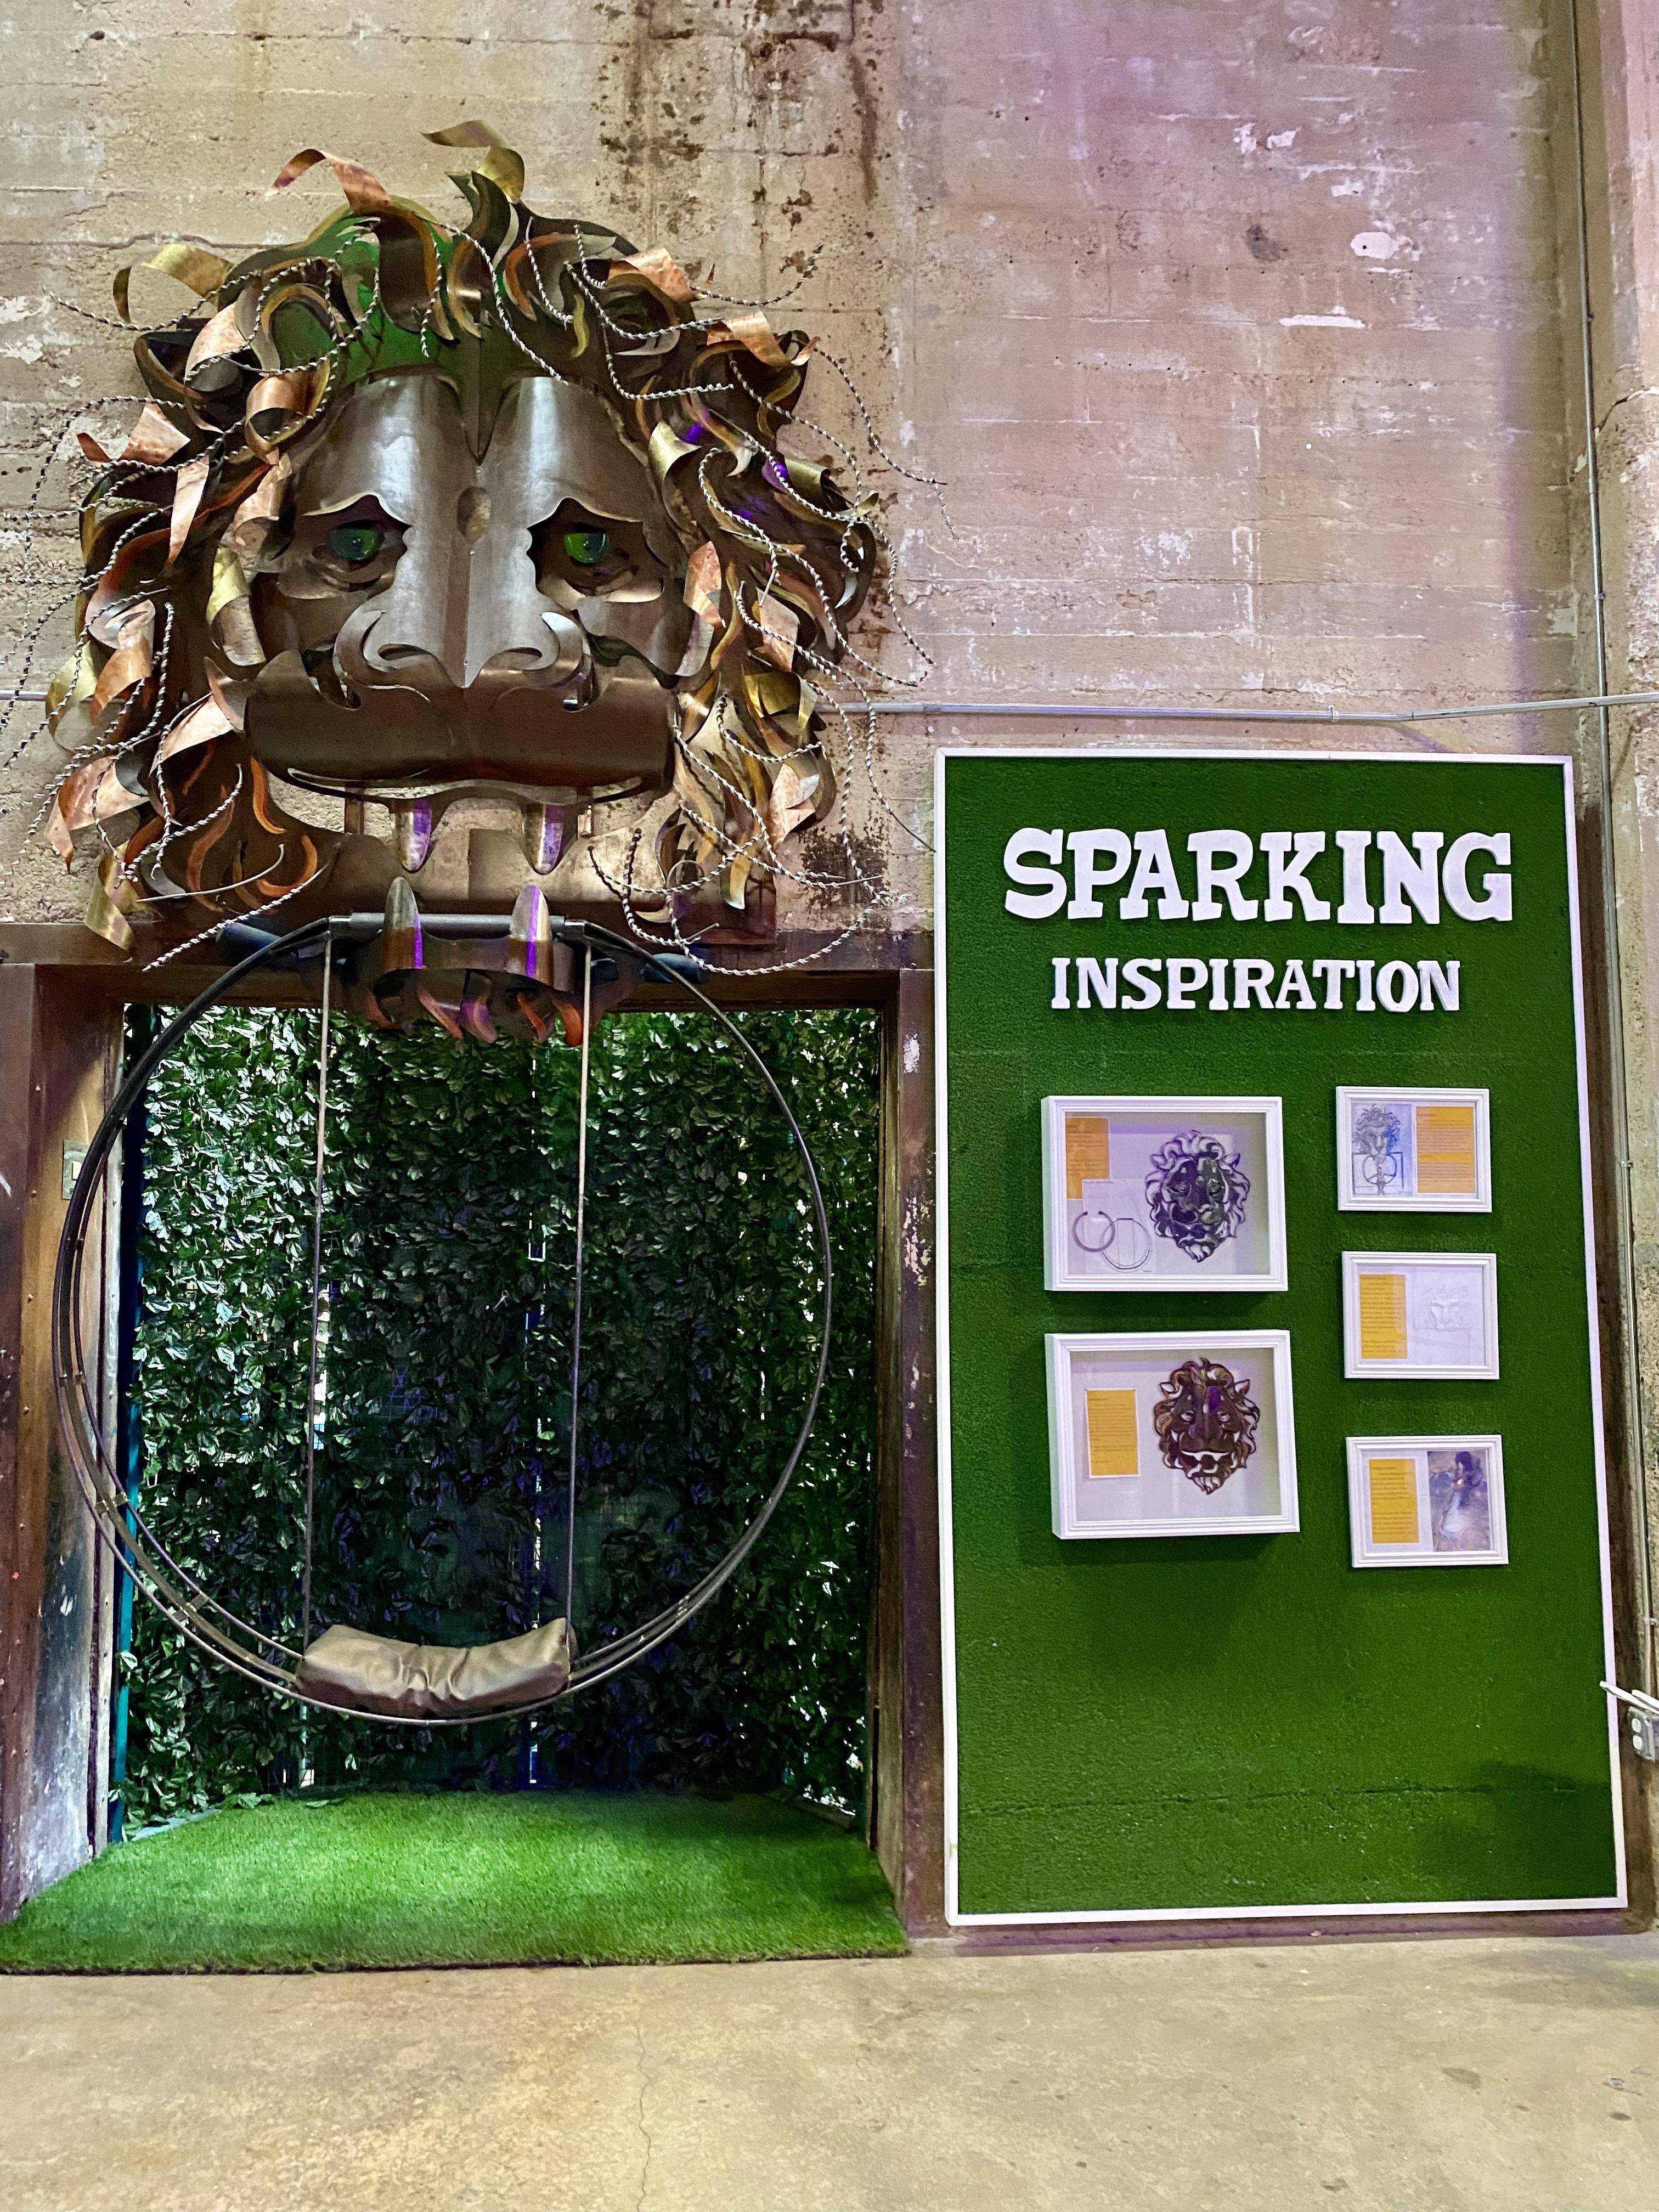 Spark Children's Museum Dallas